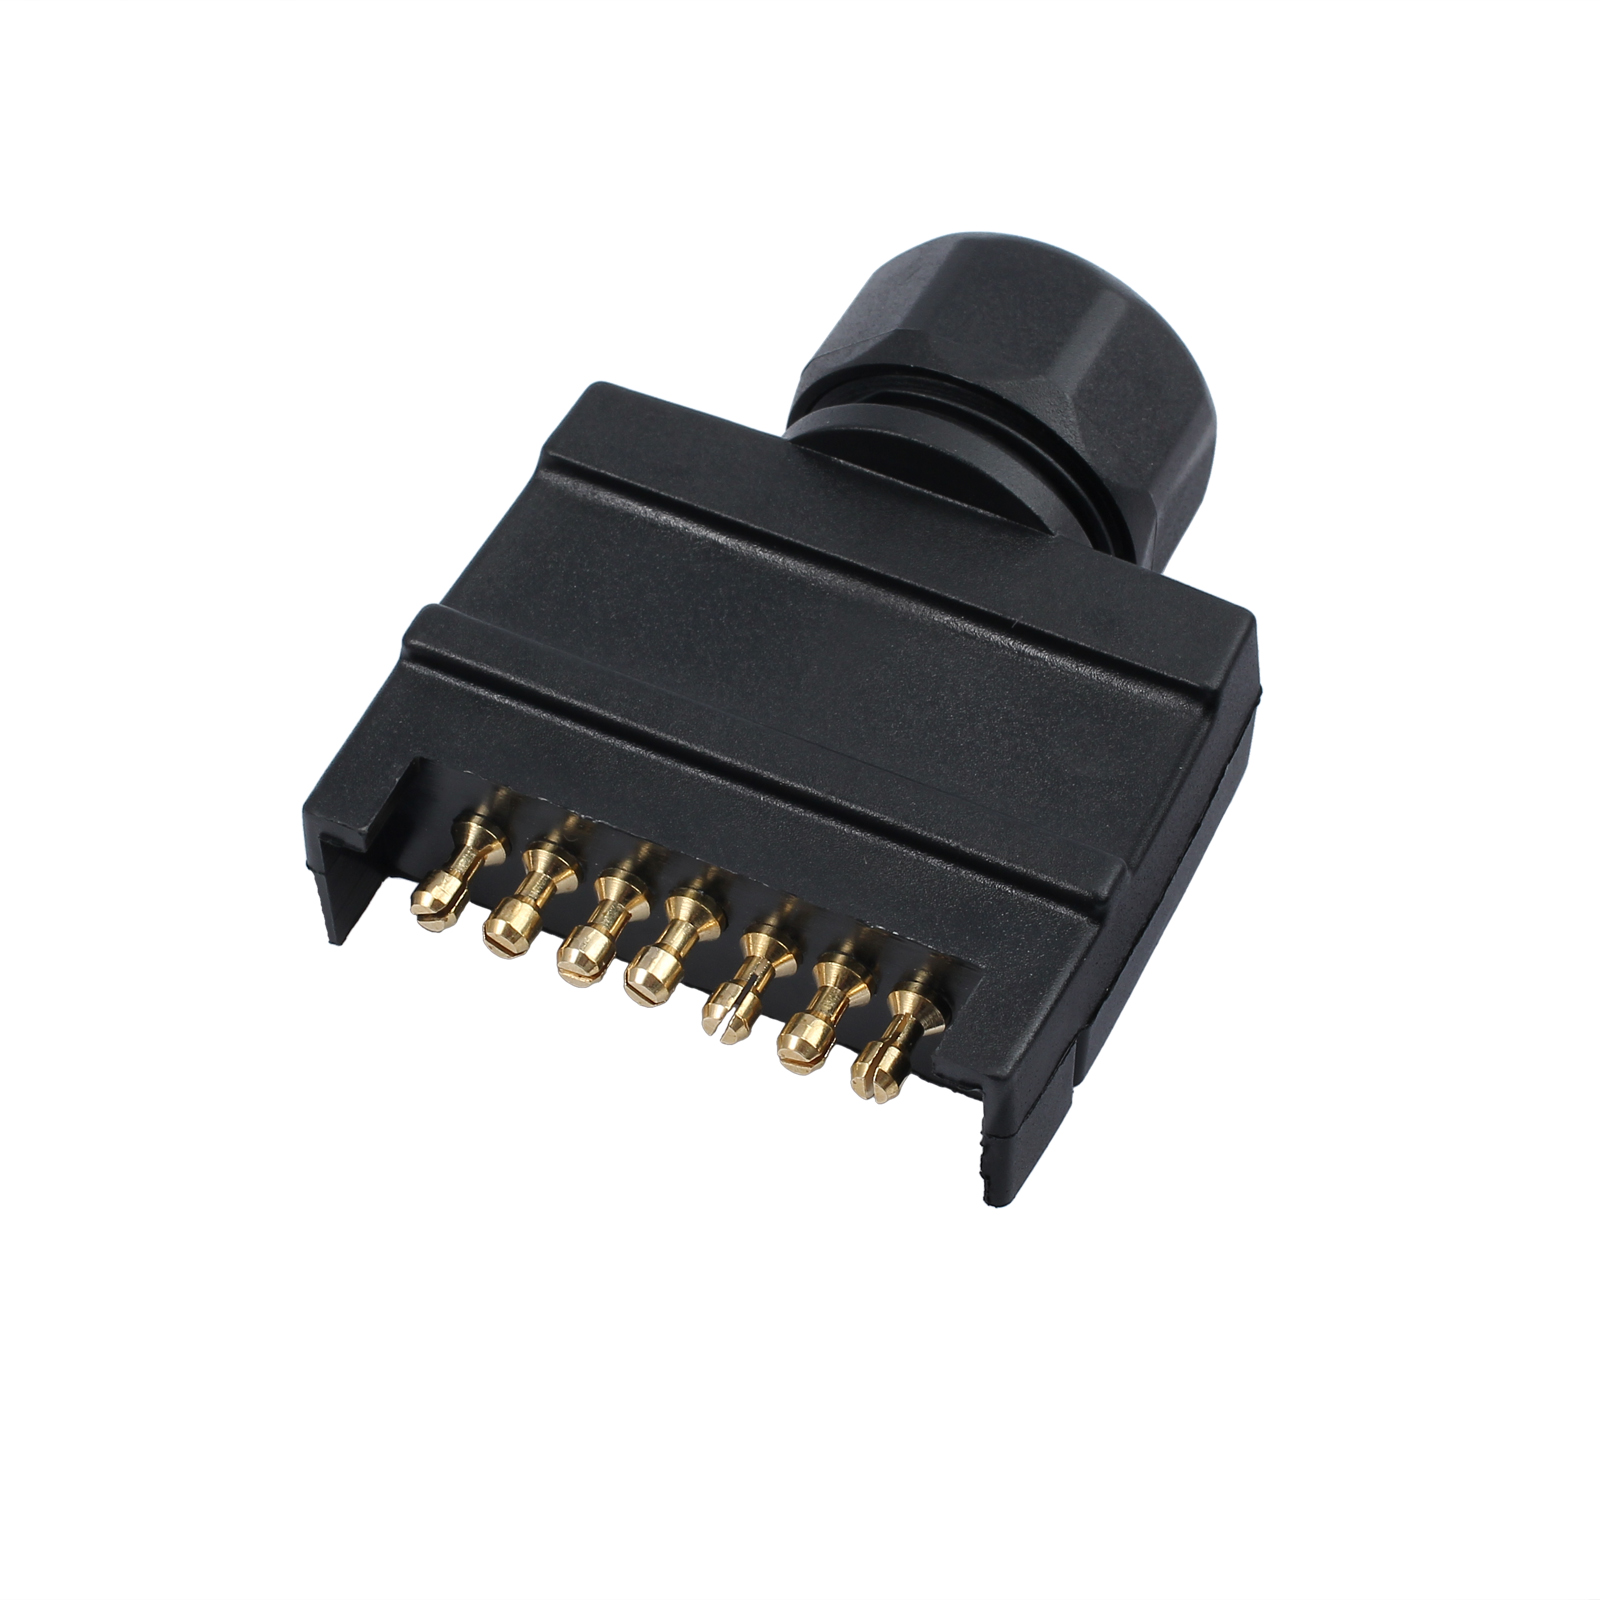 Led Trailer Lights 7 Pin Plug Number Plate Light Side Marker Wiring Square